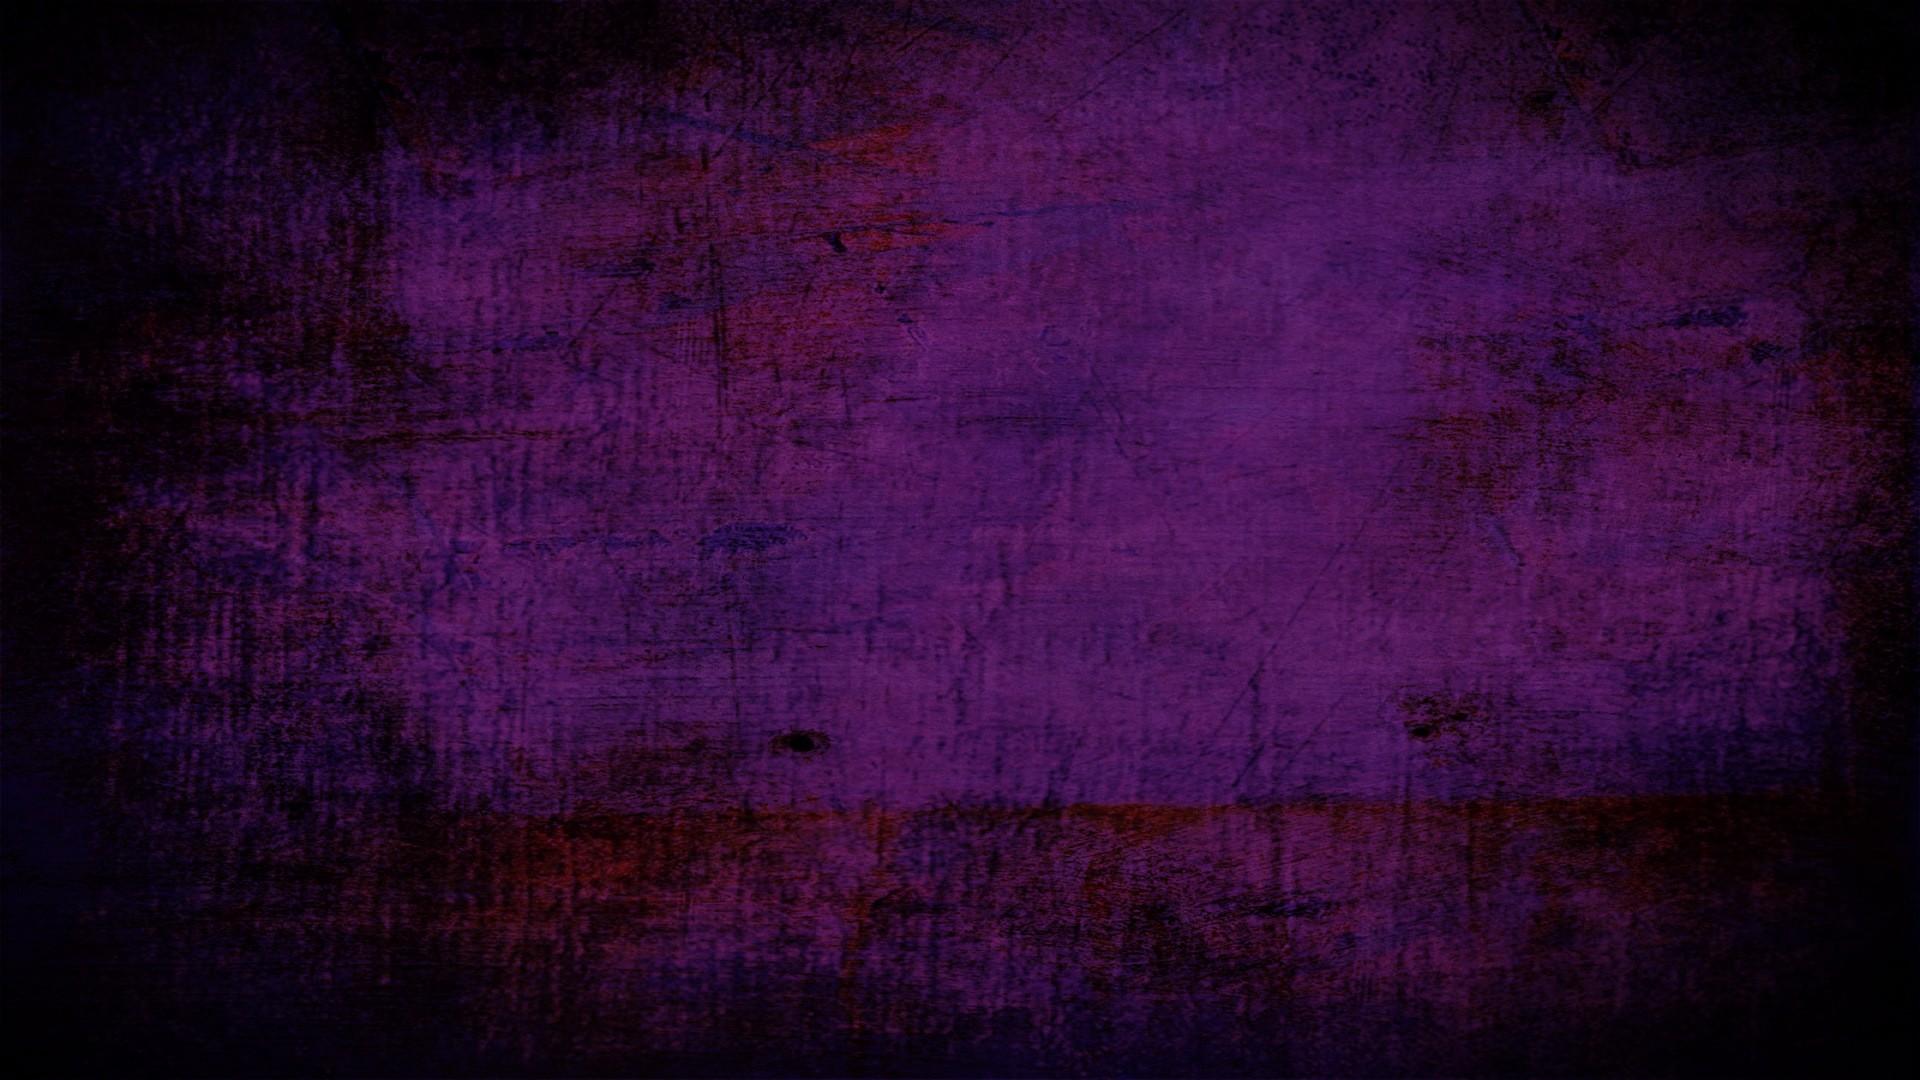 dark purple background wallpaper 61 images. Black Bedroom Furniture Sets. Home Design Ideas